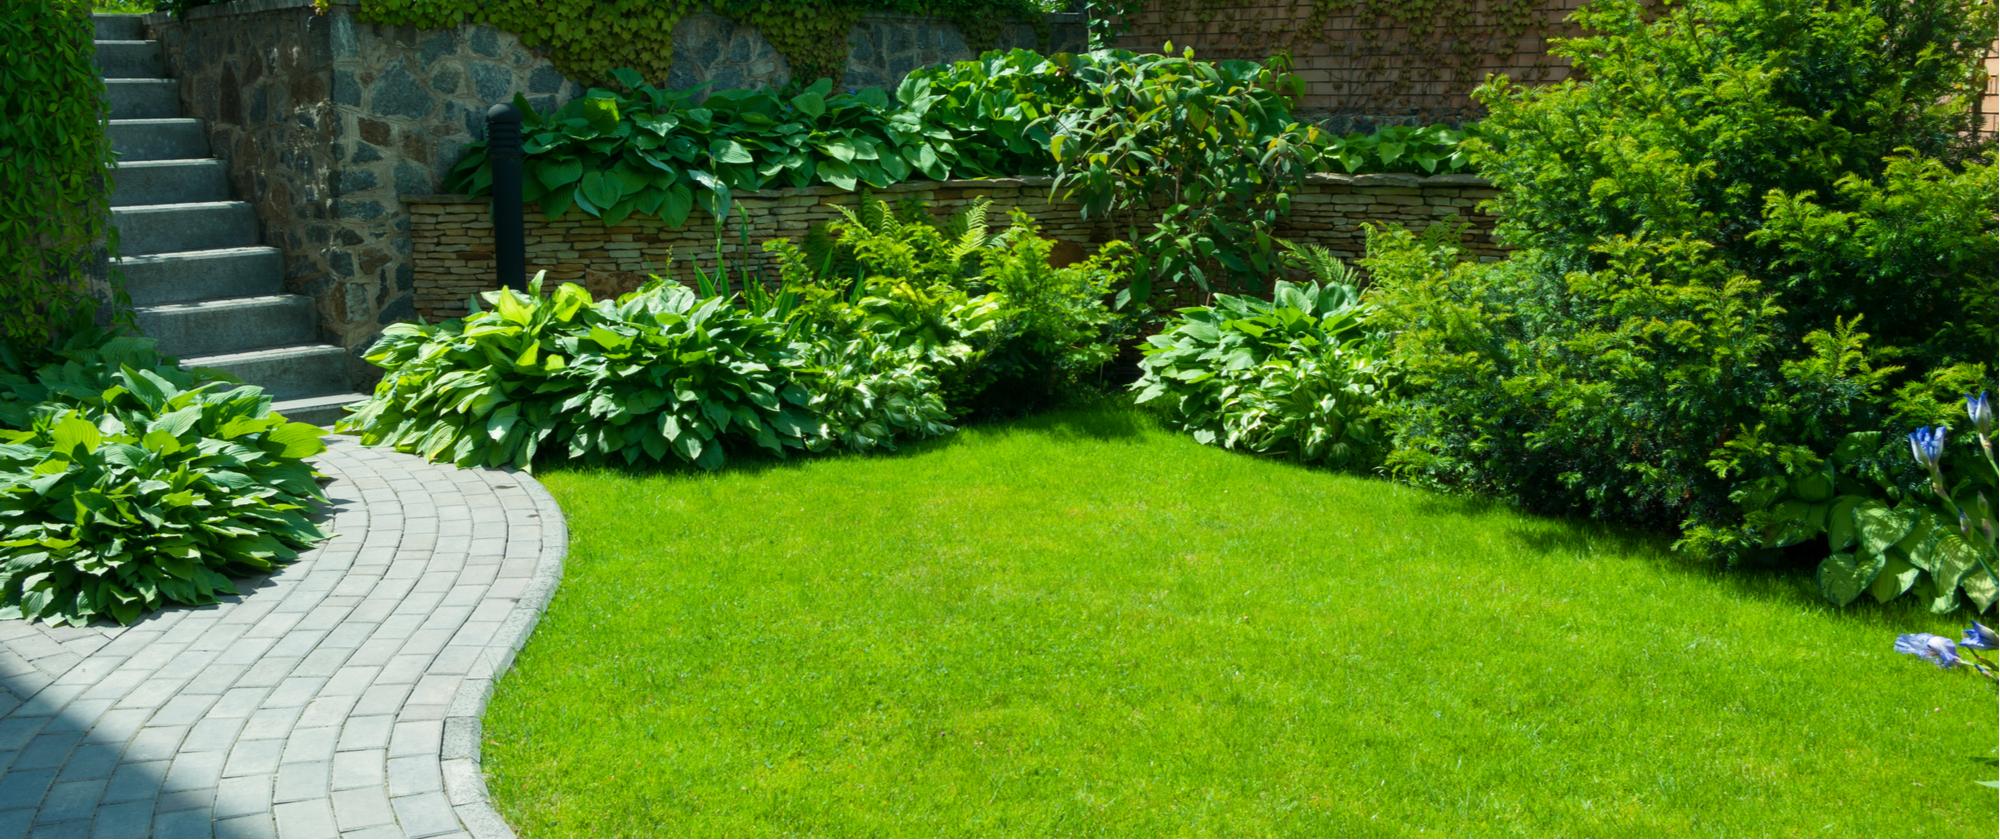 mlb | grass | green grass | grounds crew | mlb grounds crew | tips and tricks | mlb grounds crew tips | tips for green grass